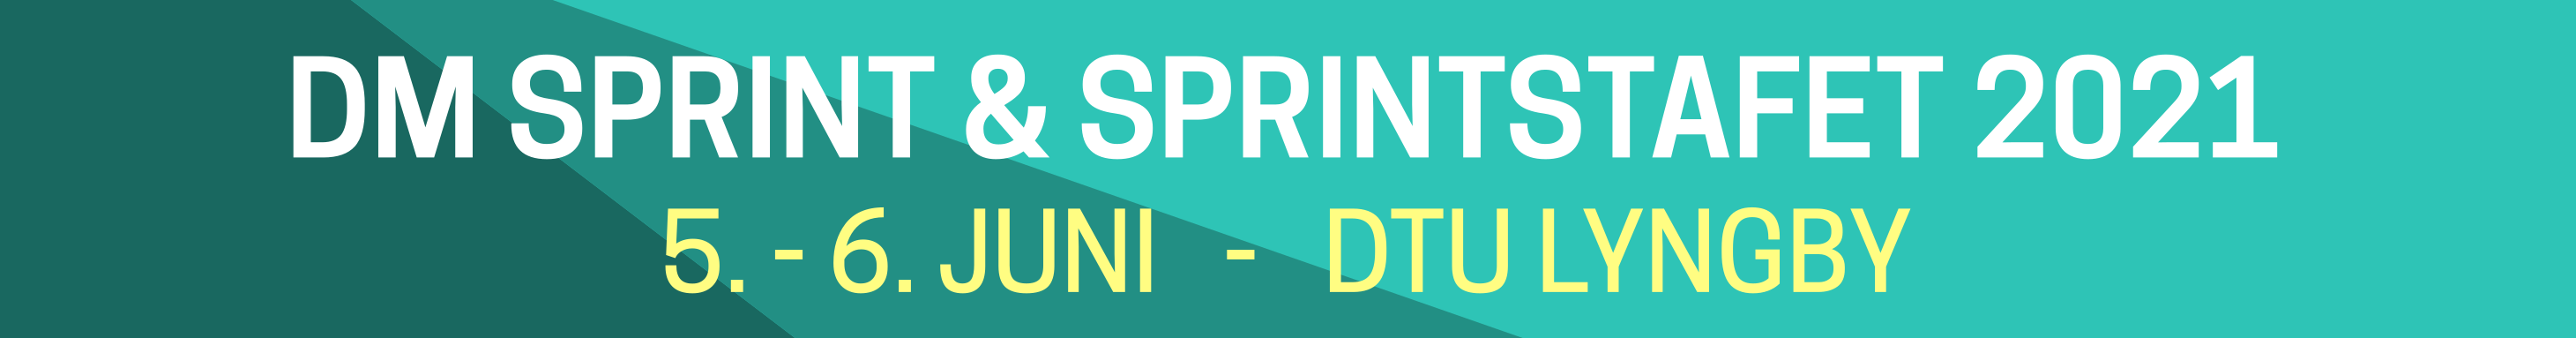 DM Sprint & Sprintstafet 2021